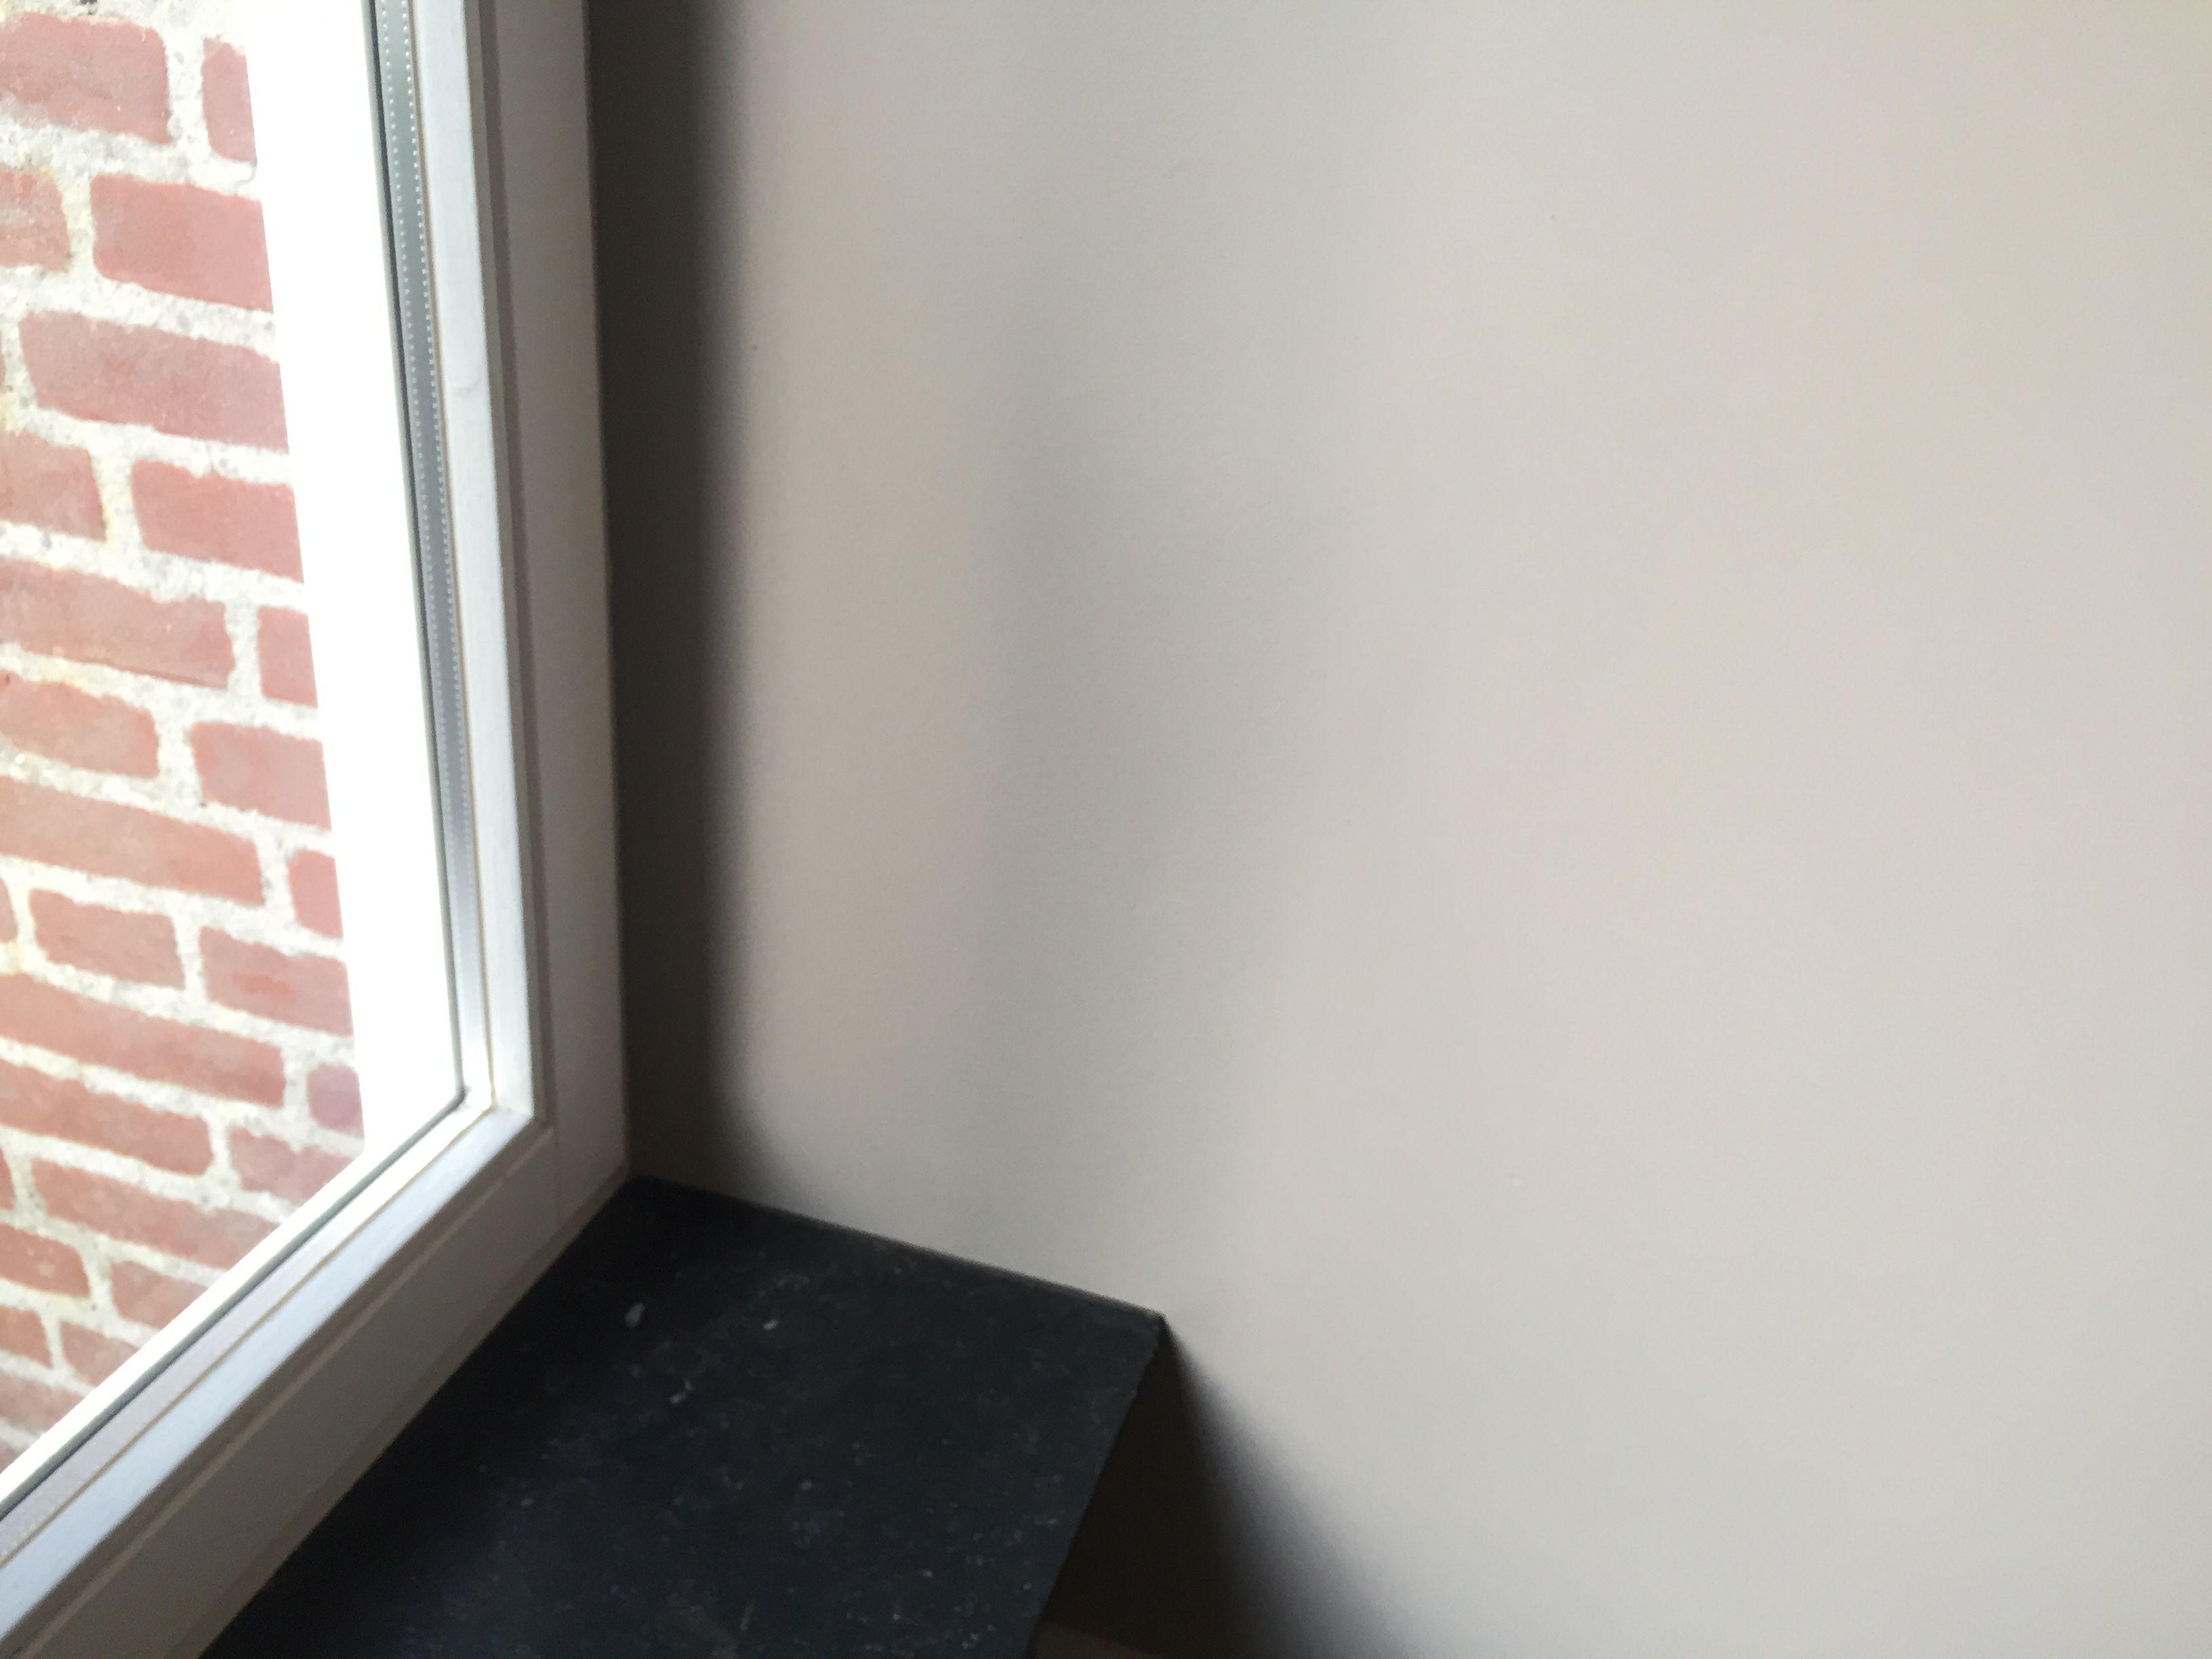 Gamma Kasten Slaapkamer : Nieuwe kleur kamermuur gamma kangoeroe mijn huis